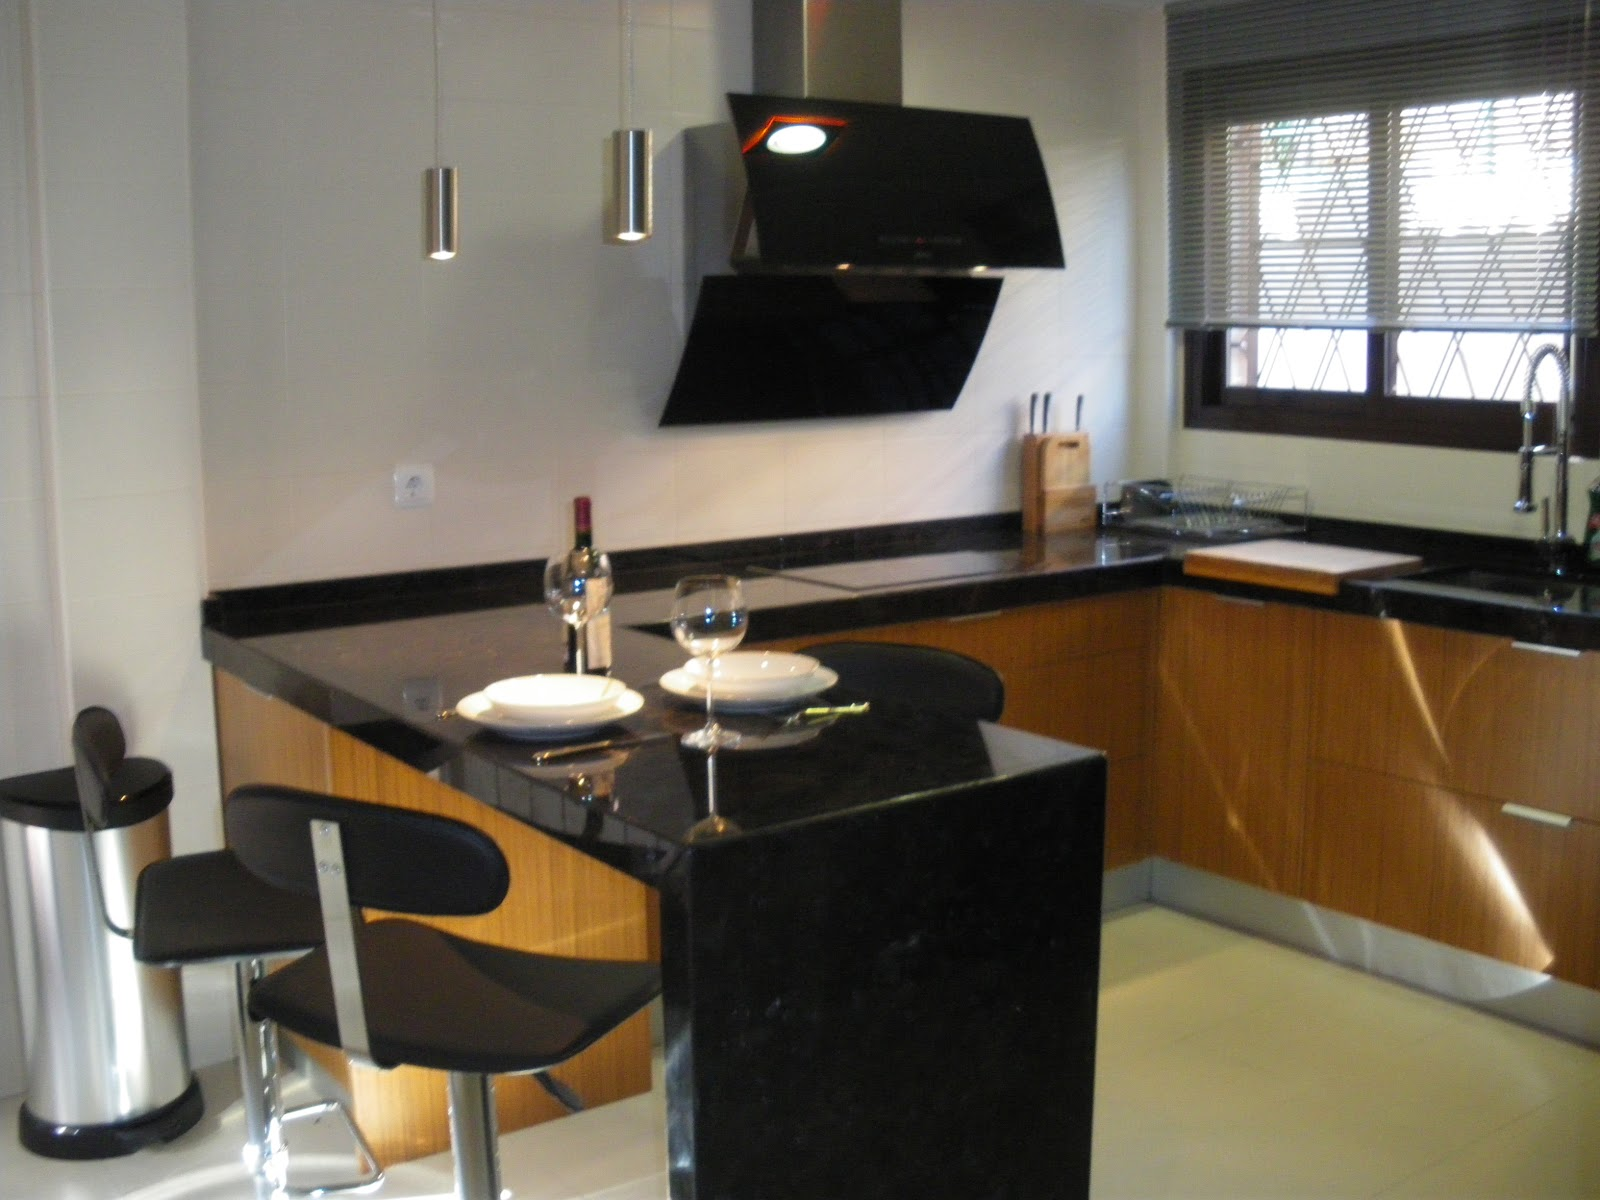 FORMAS ALMACEN DE COCINAS: Medidas perfectas para una cocina con ...